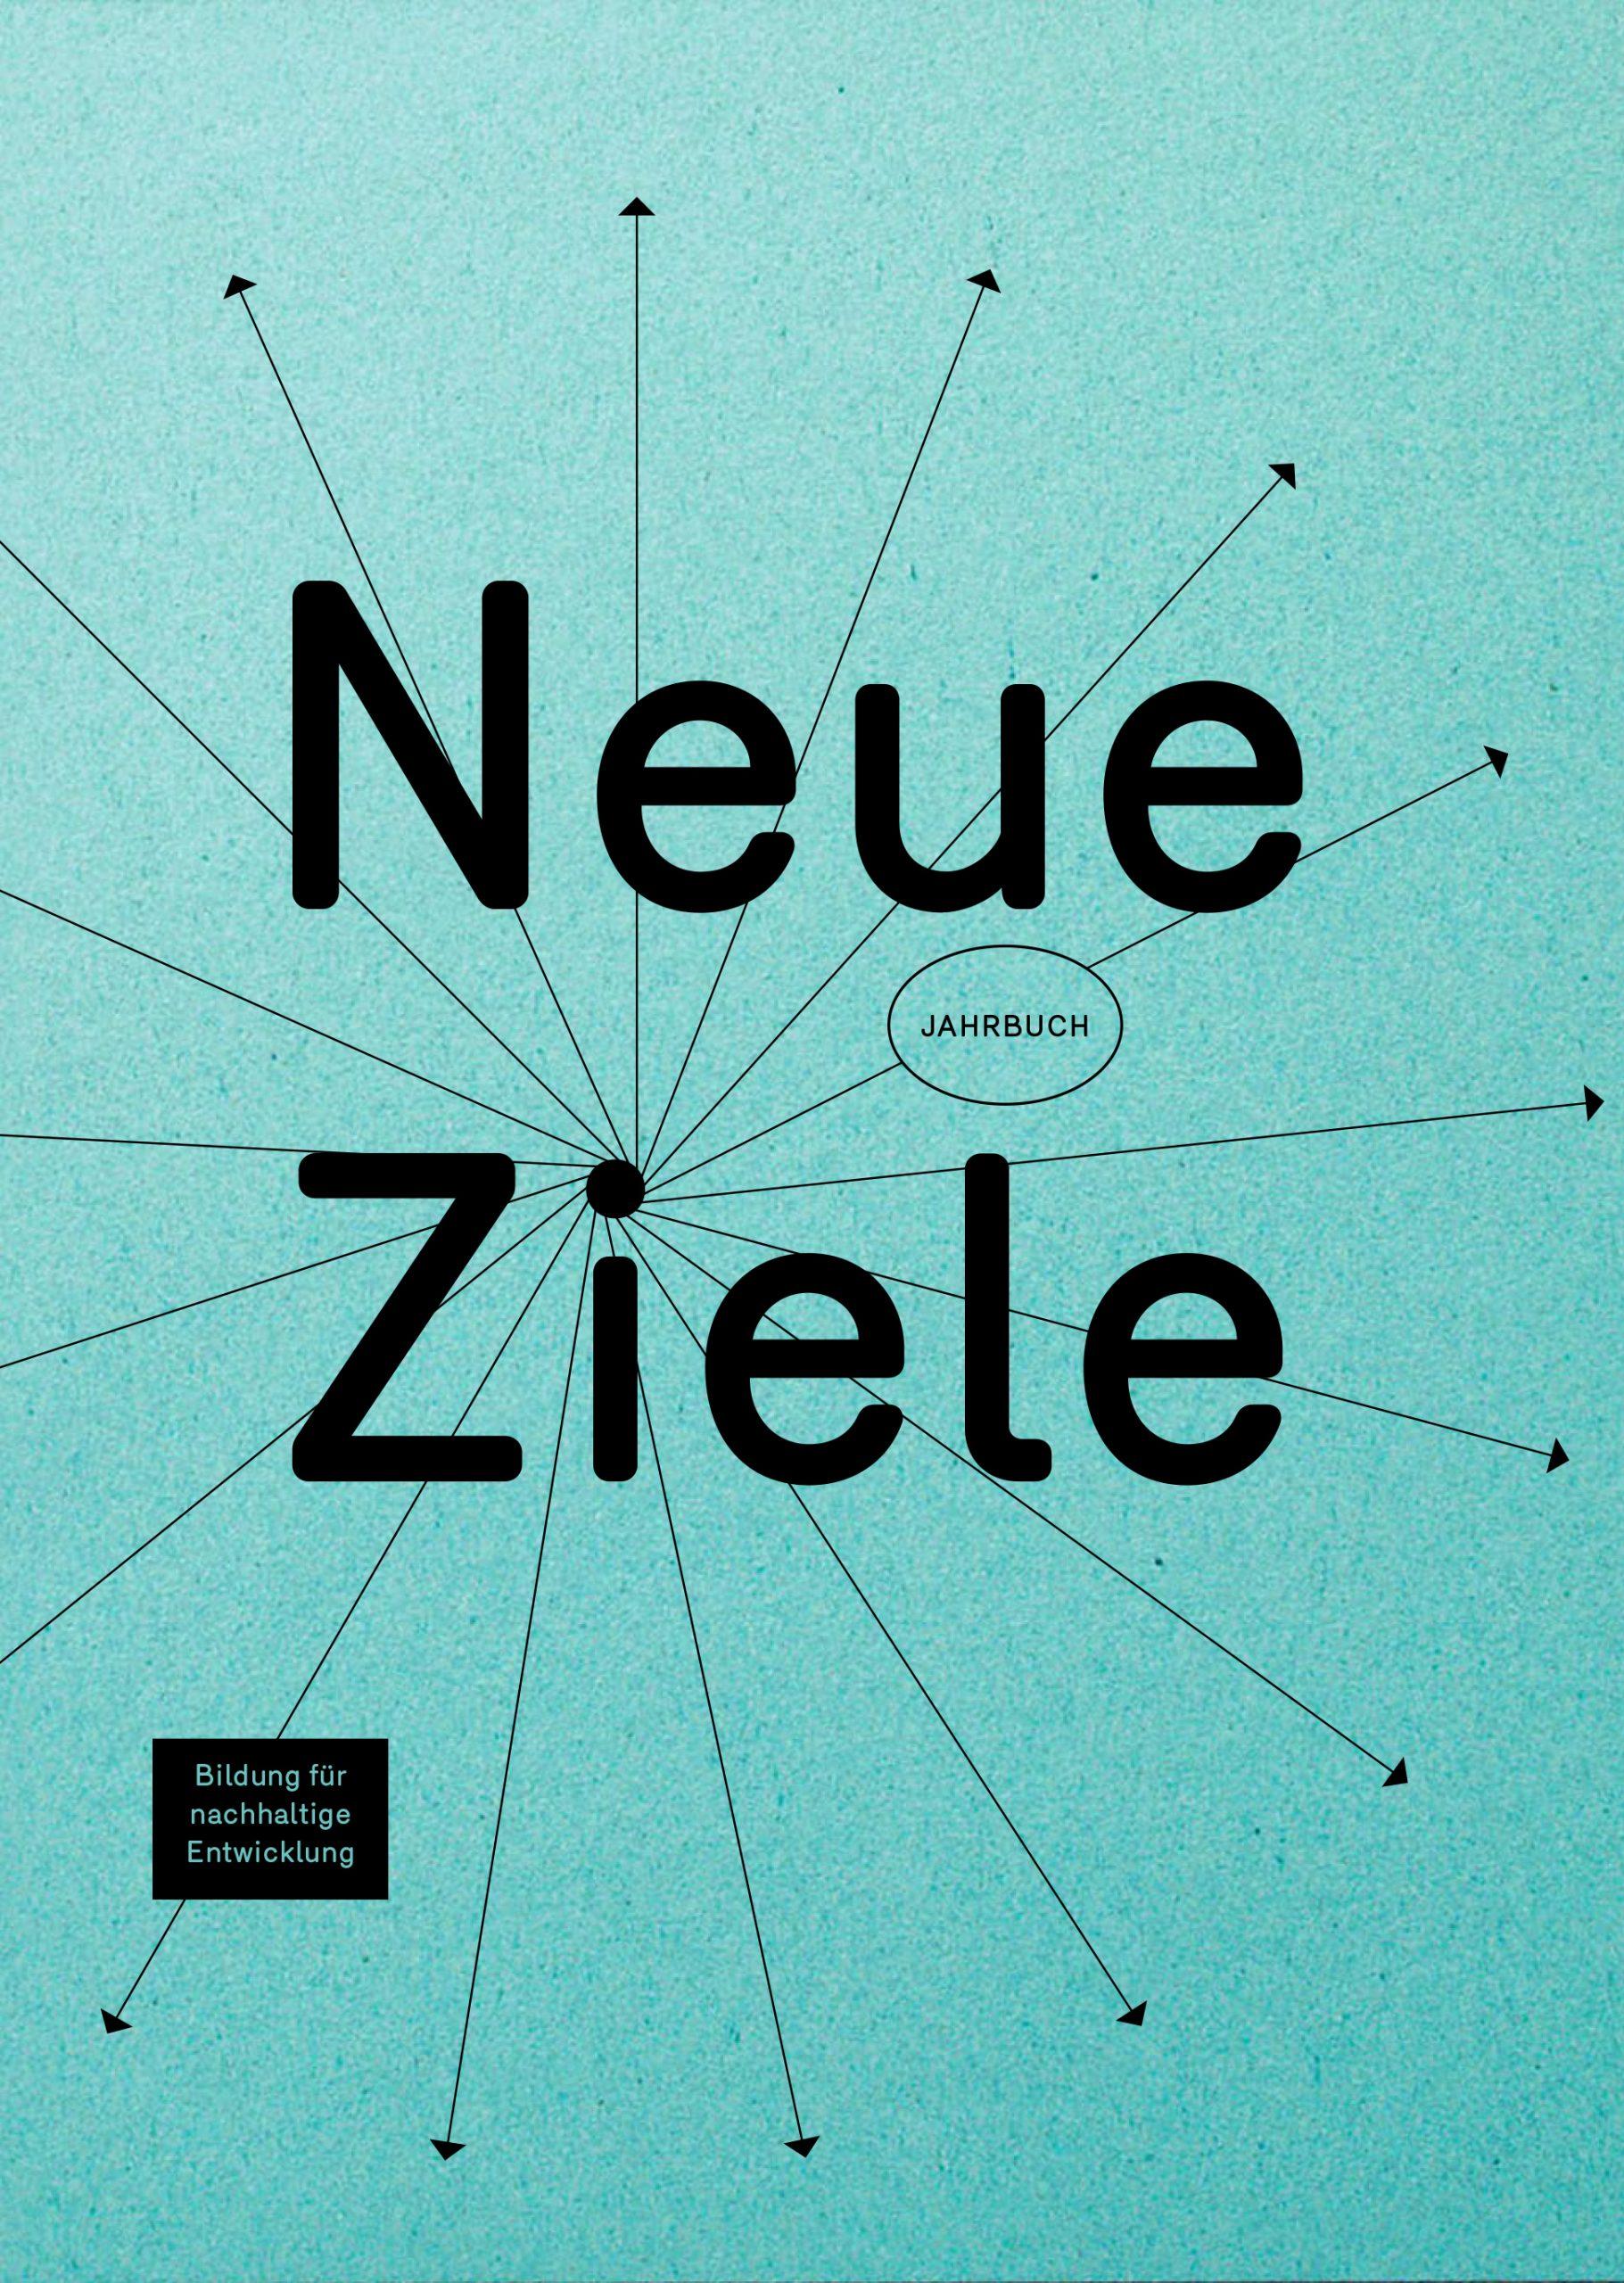 Cover des Jahrbuch Bildung für Nachhaltige Entwicklung_Neue Ziele